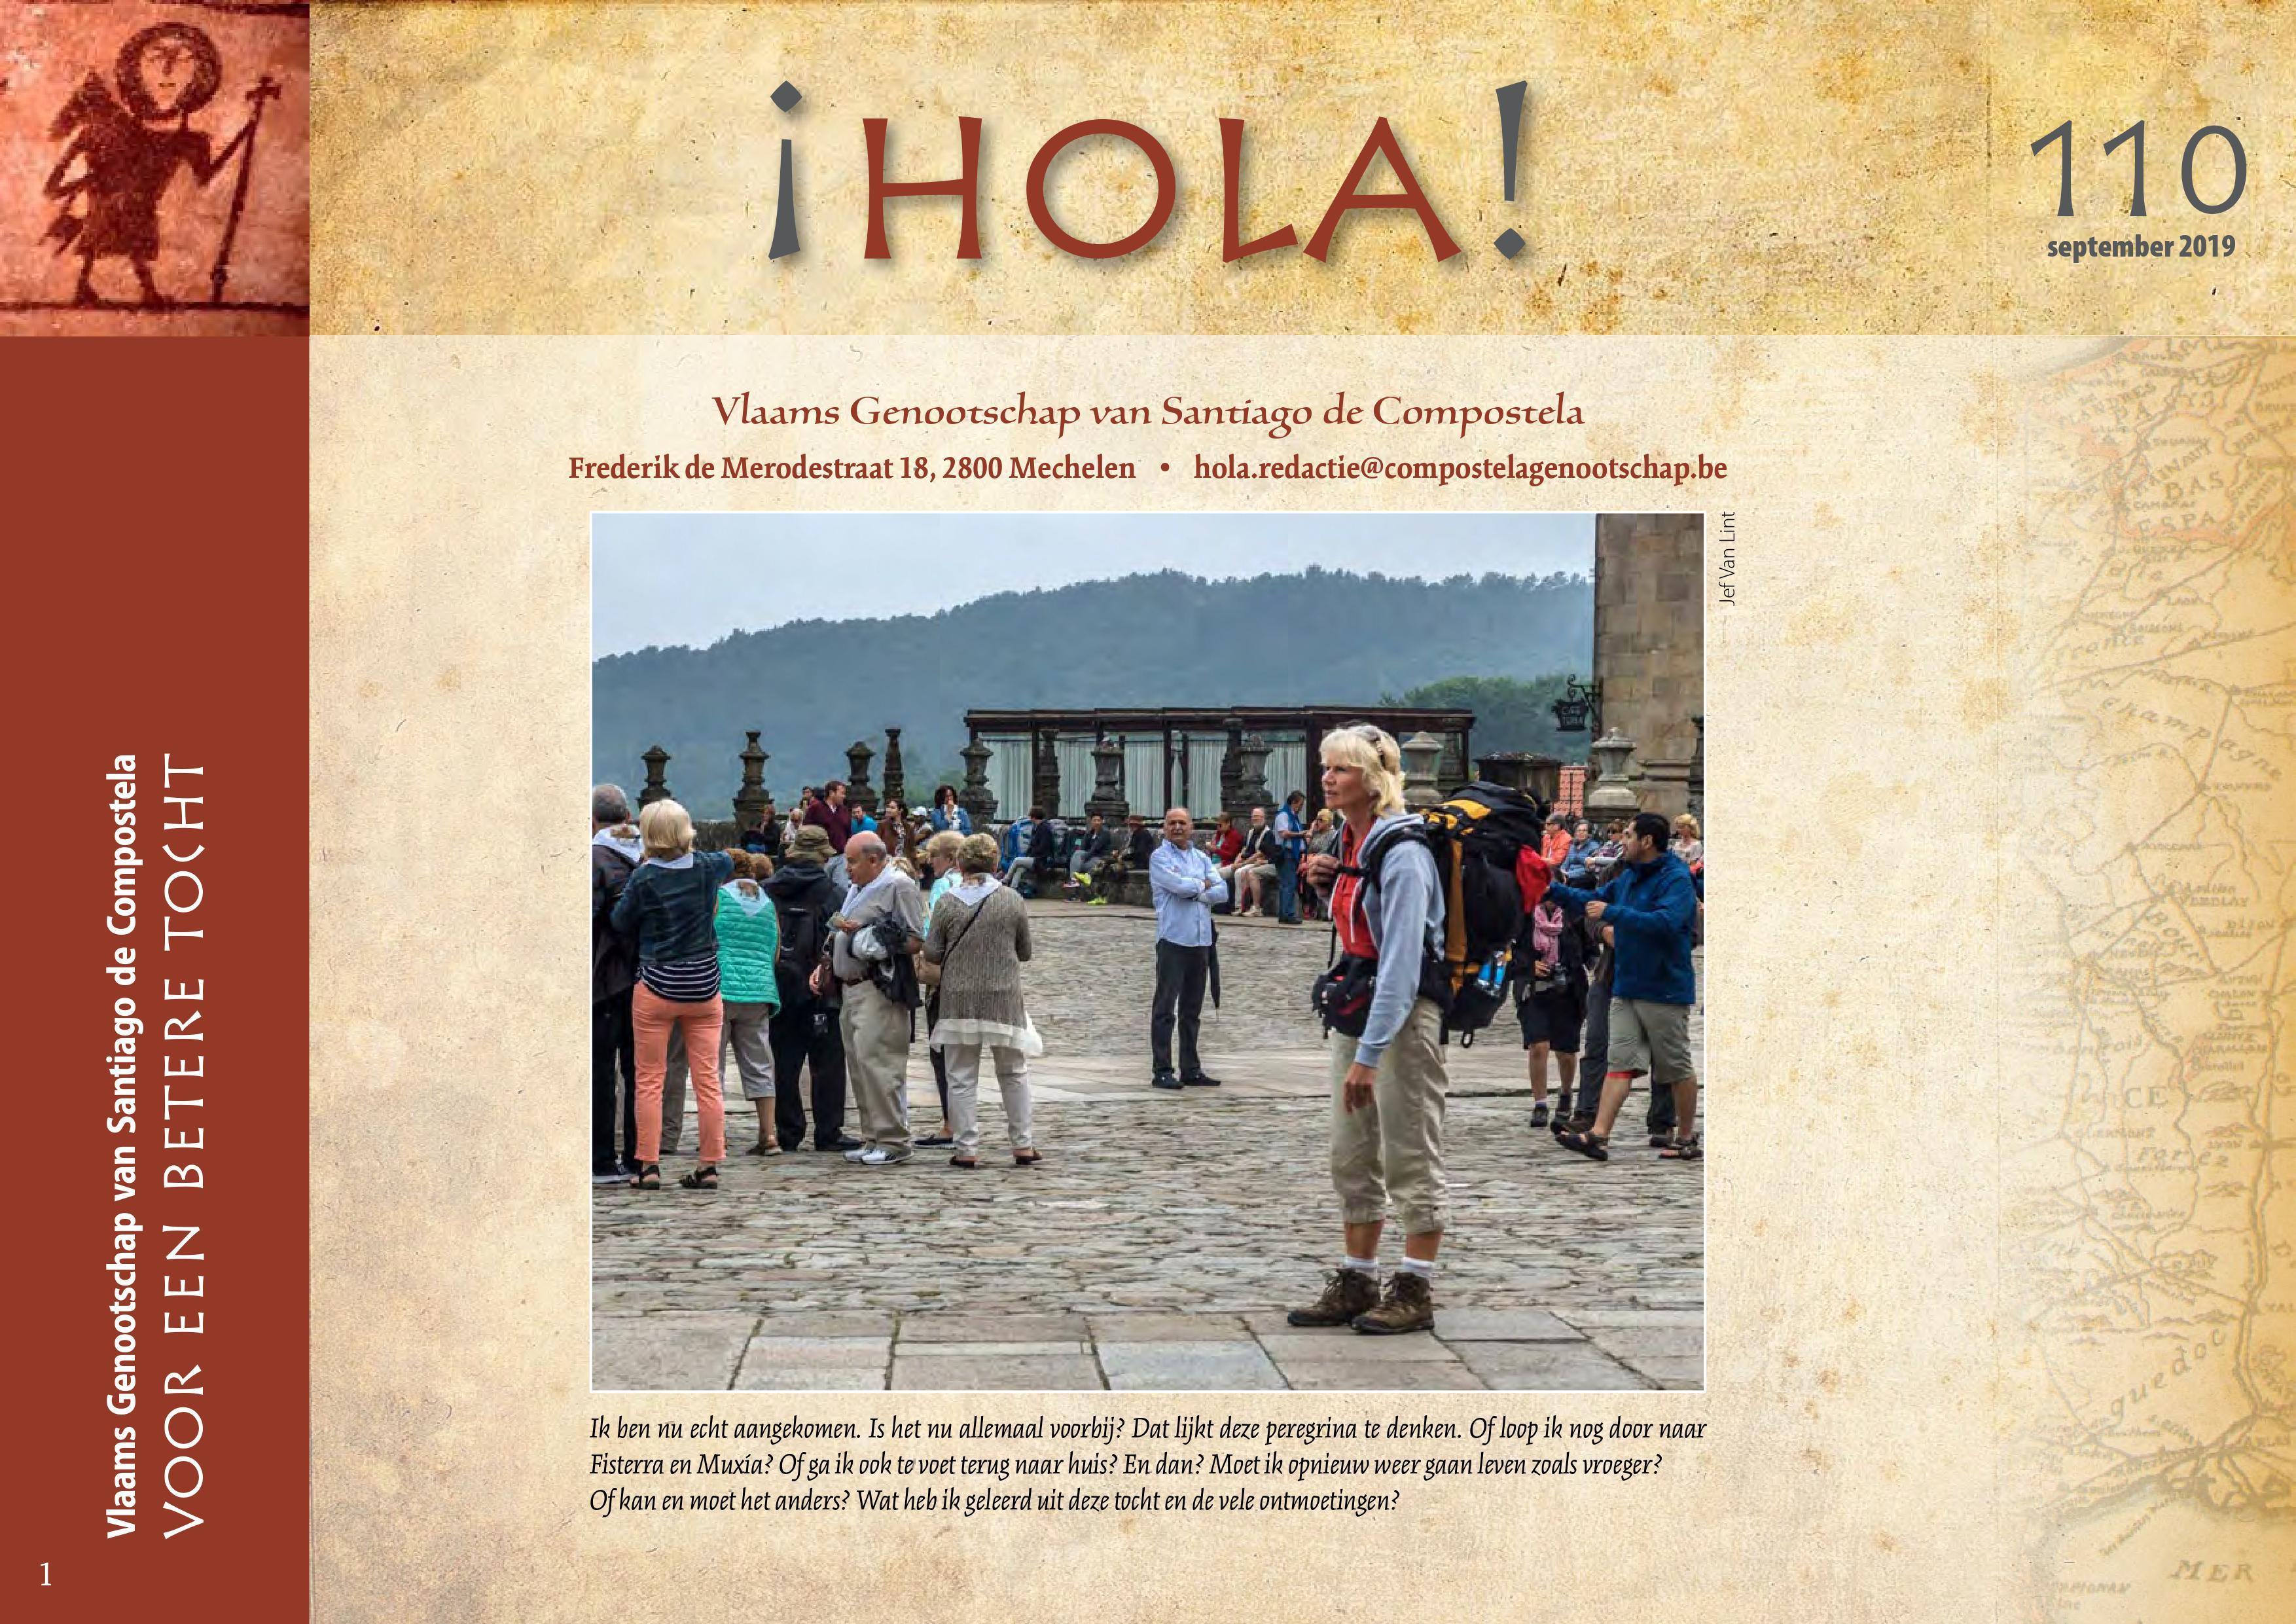 ¡HOLA! 110 – september 2019